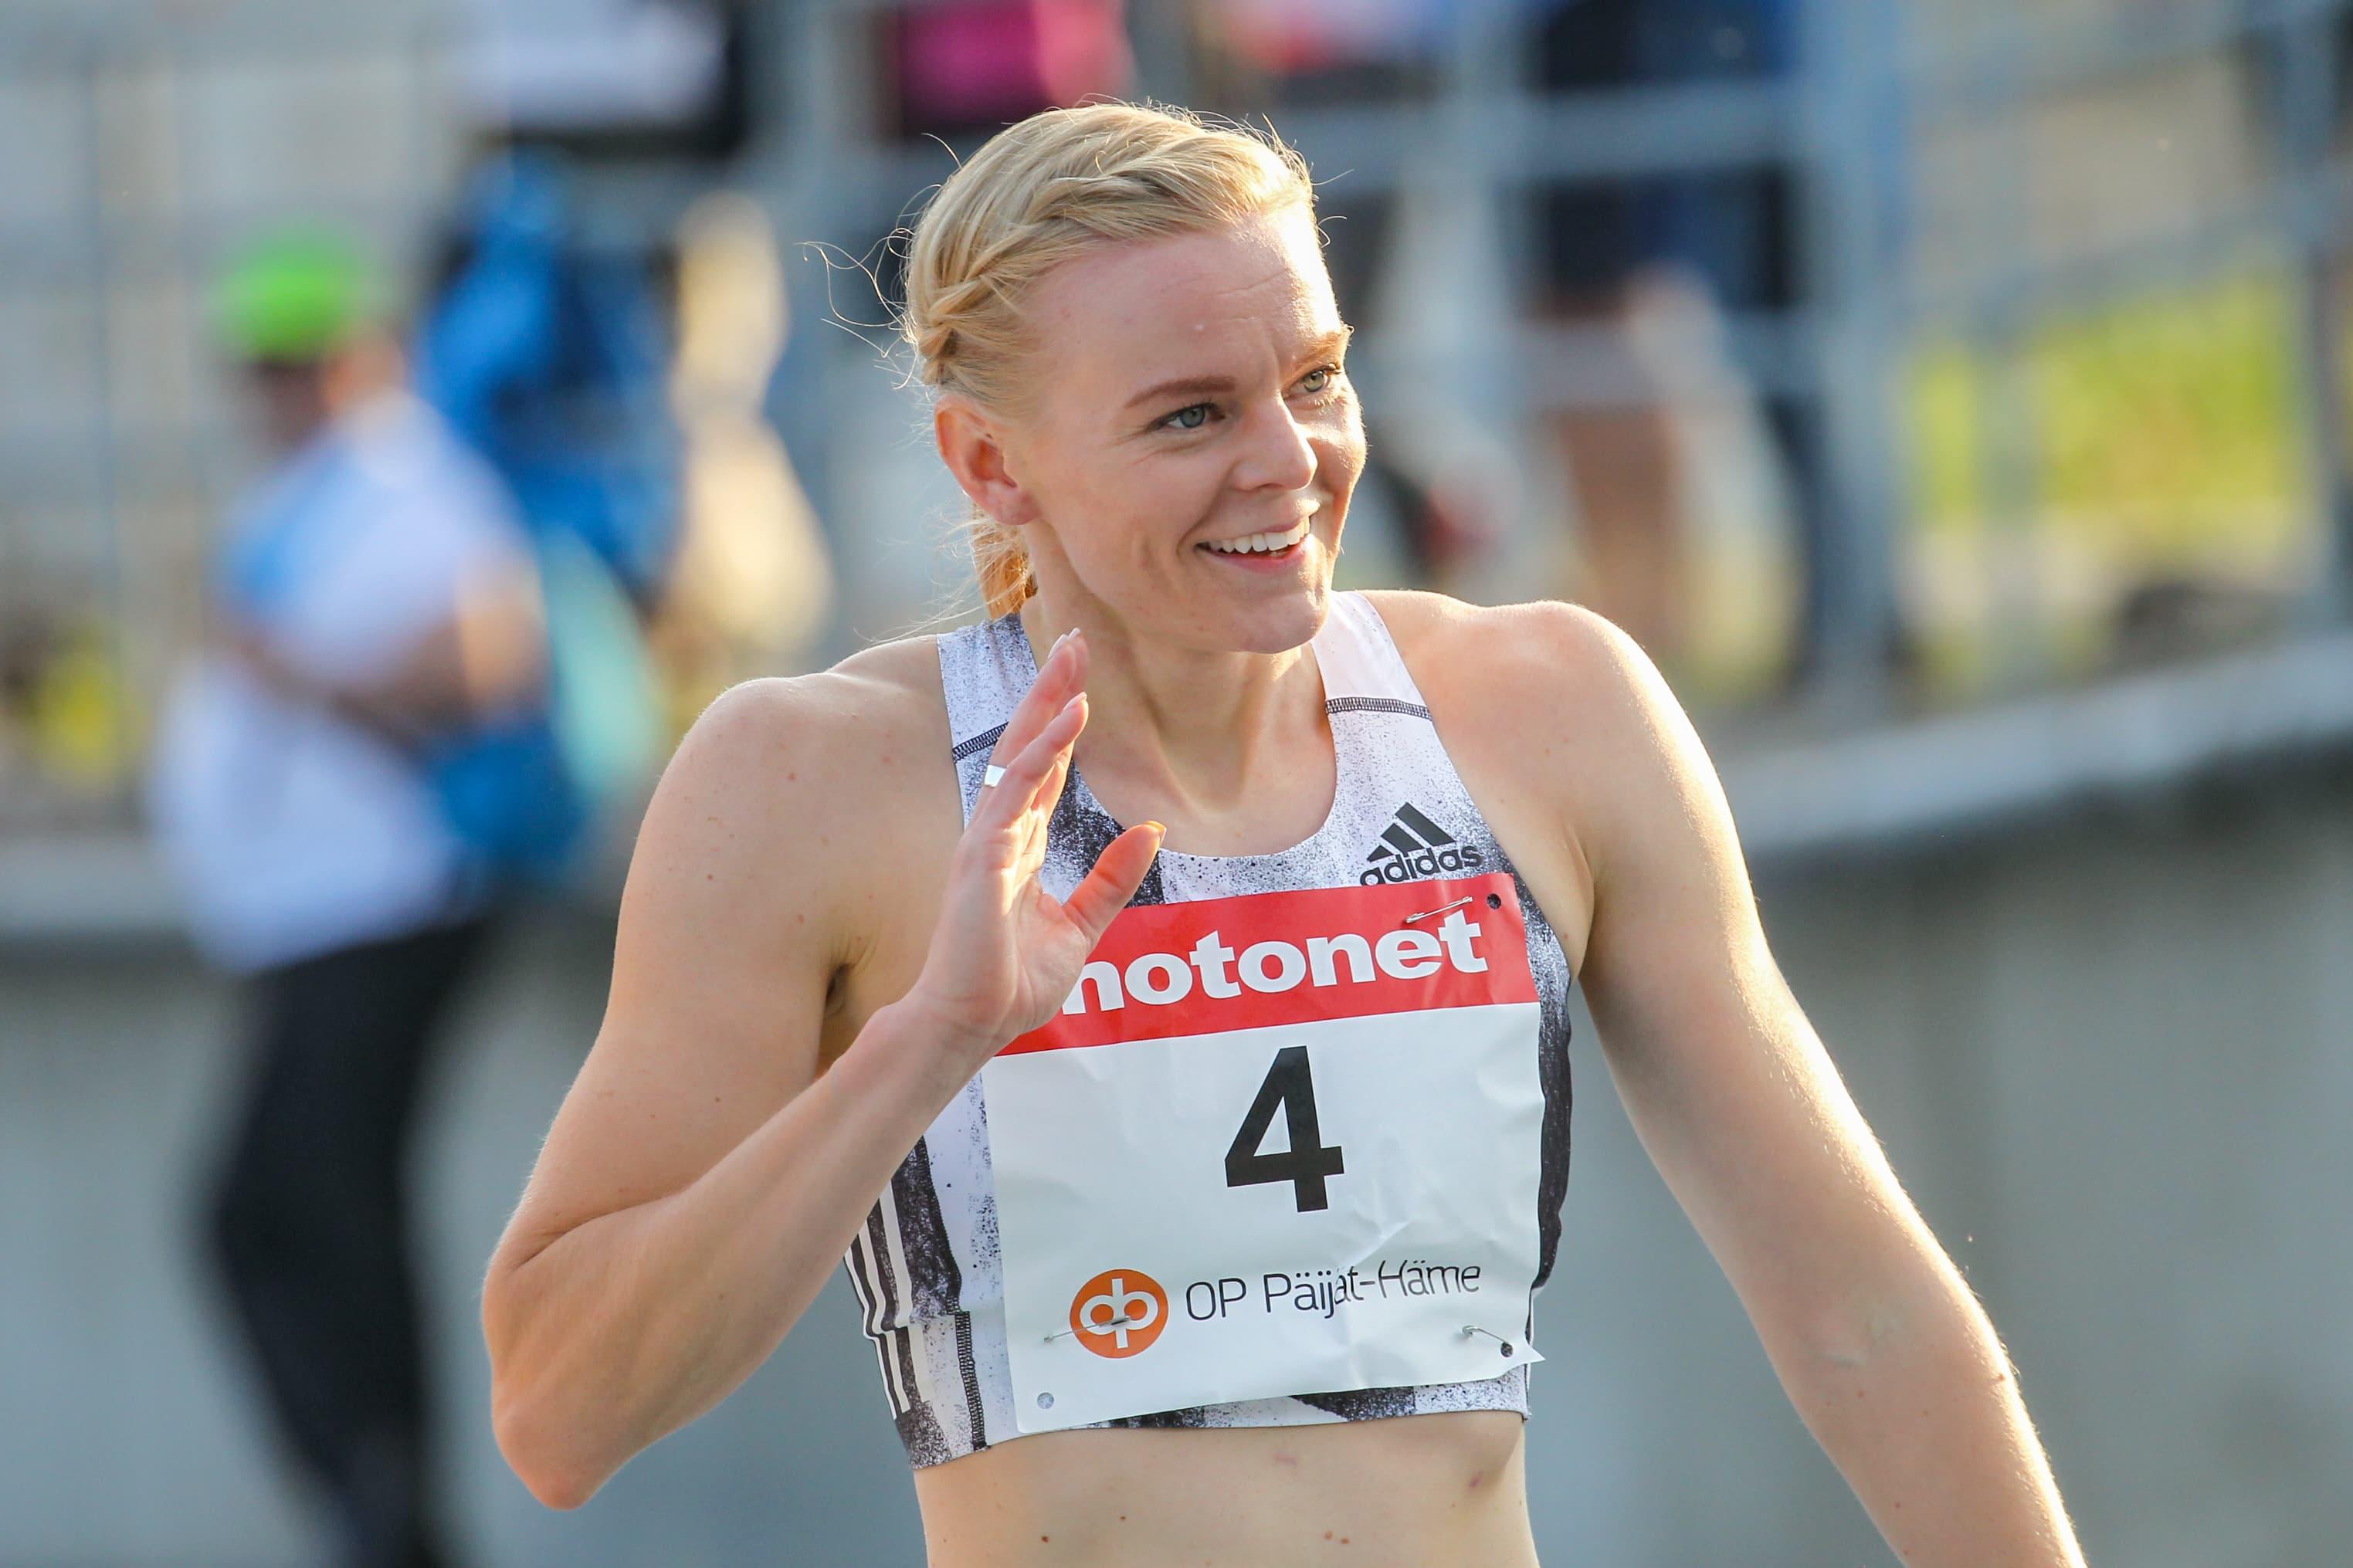 Hanna-Maari Latvalan juoksu on palaamassa urilleen.